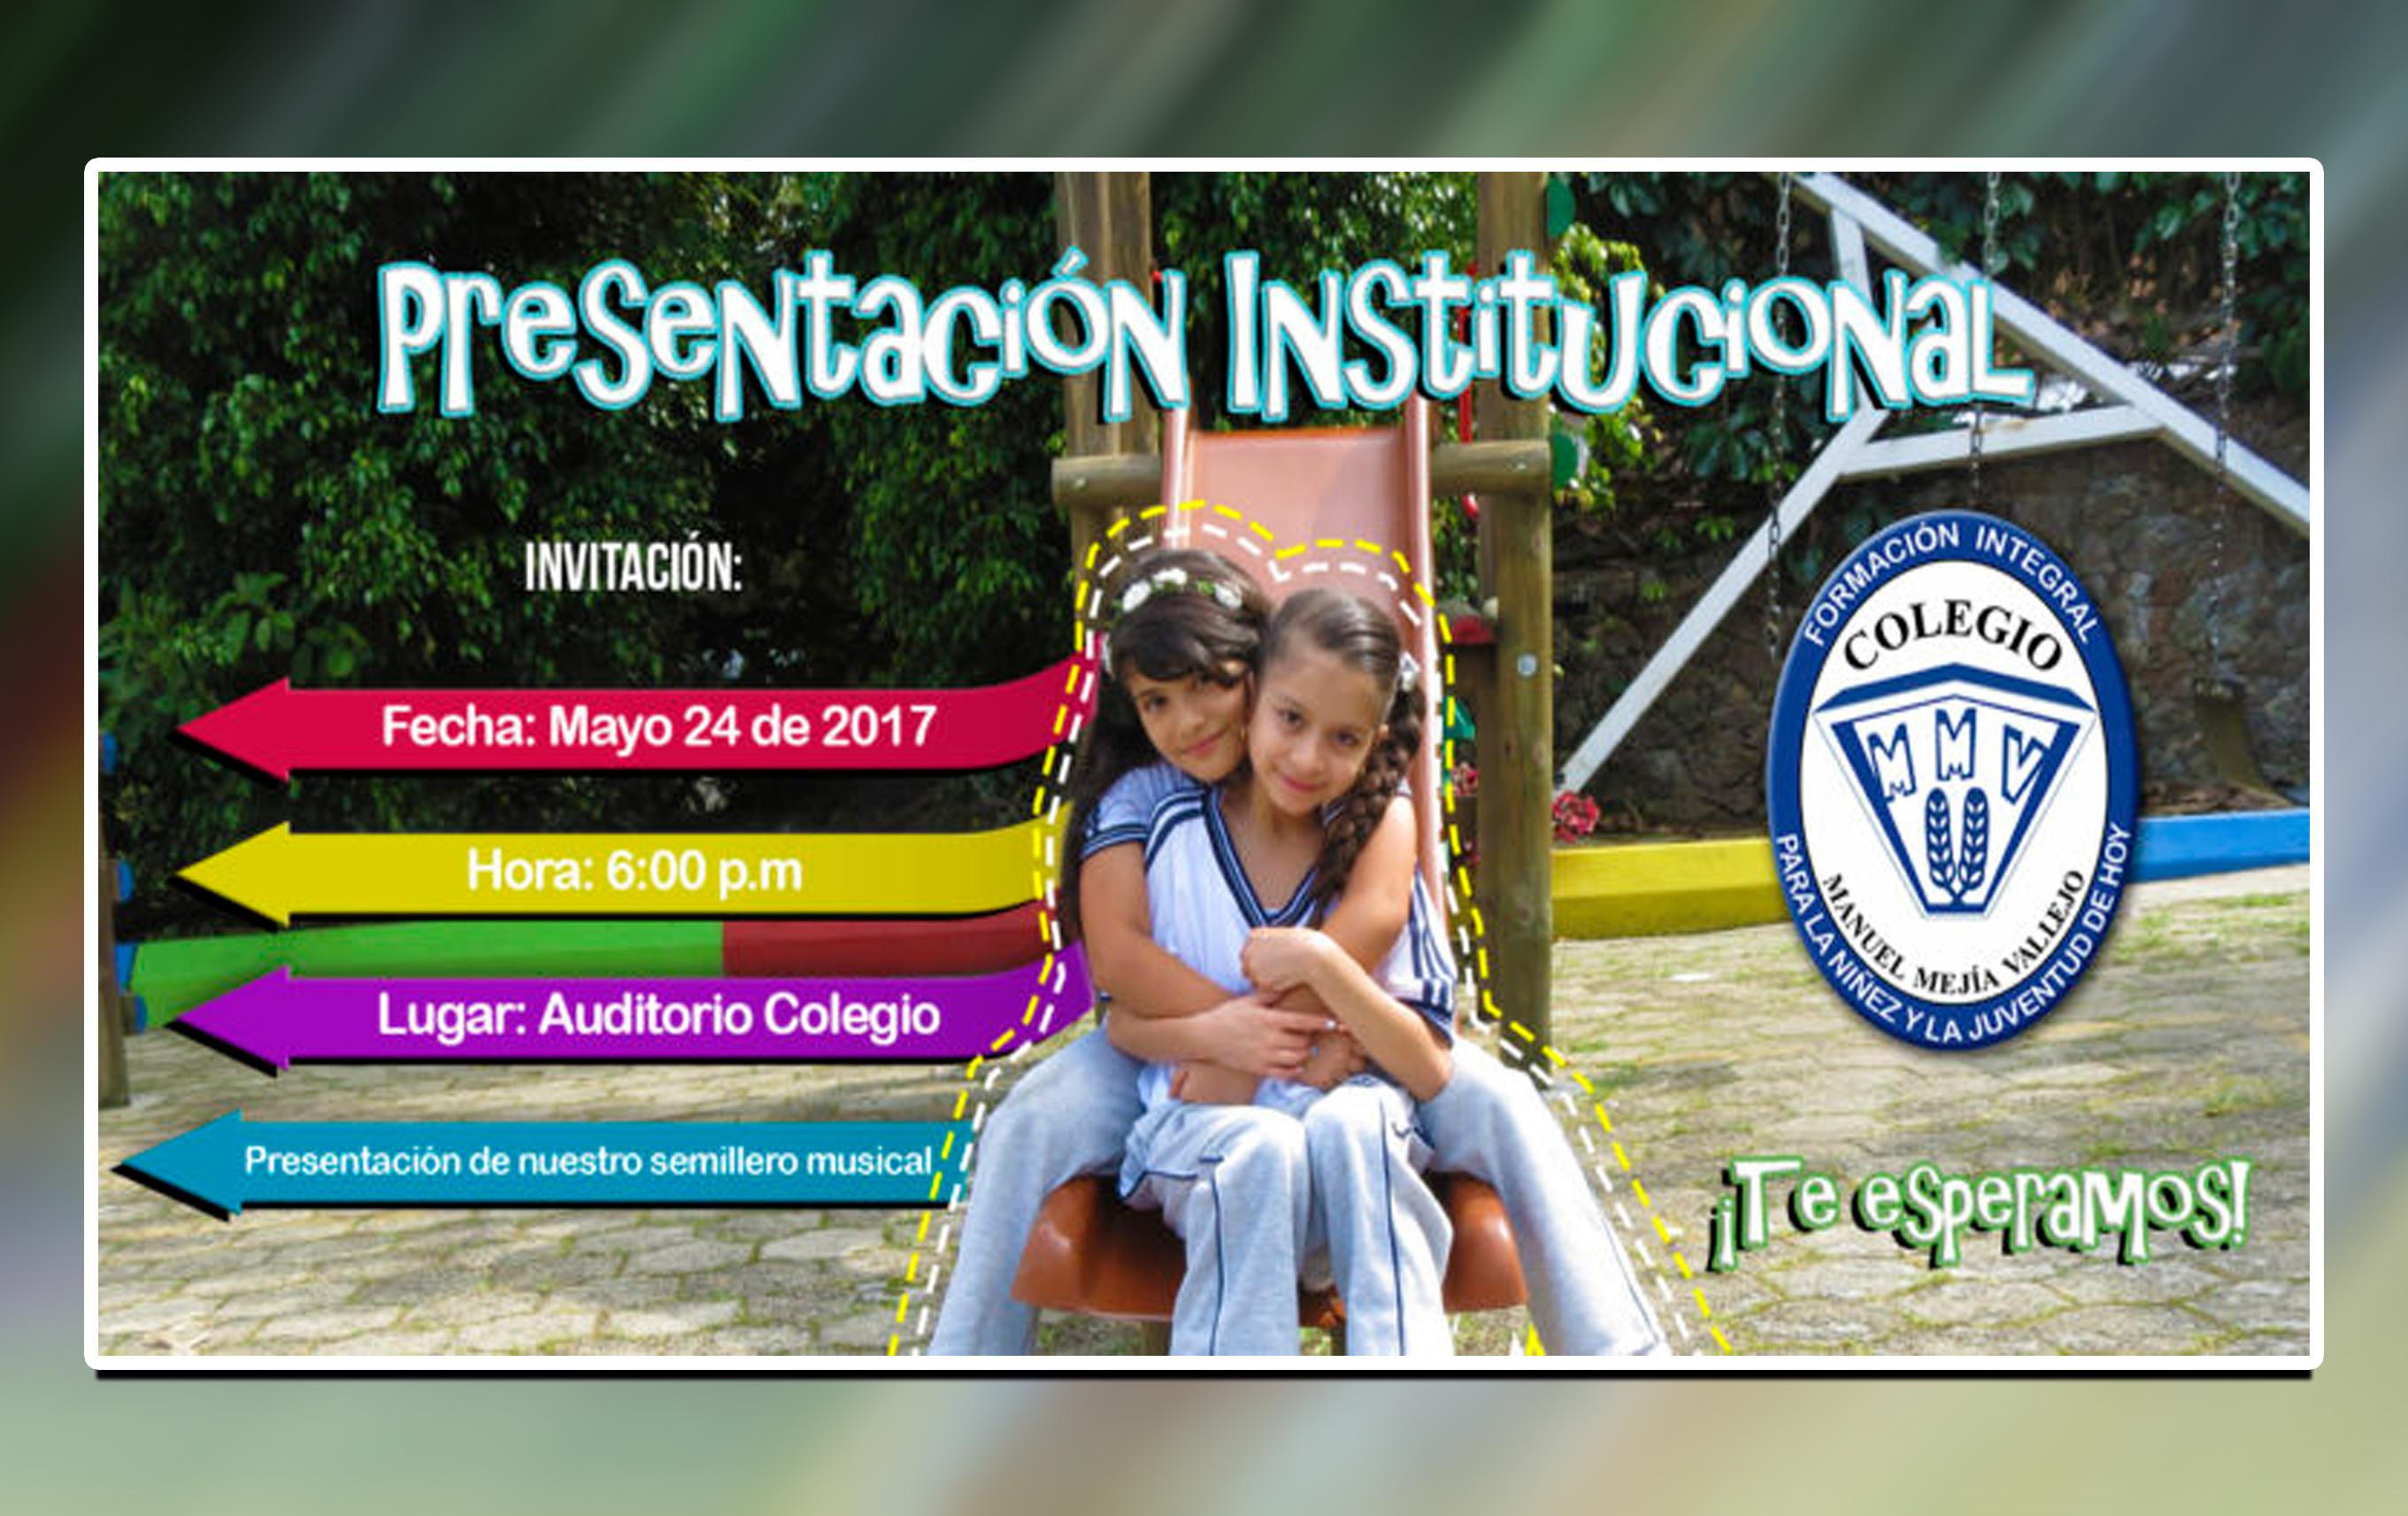 INVITACIÓN PRESENTACIÓN DE NUESTRO COLEGIO